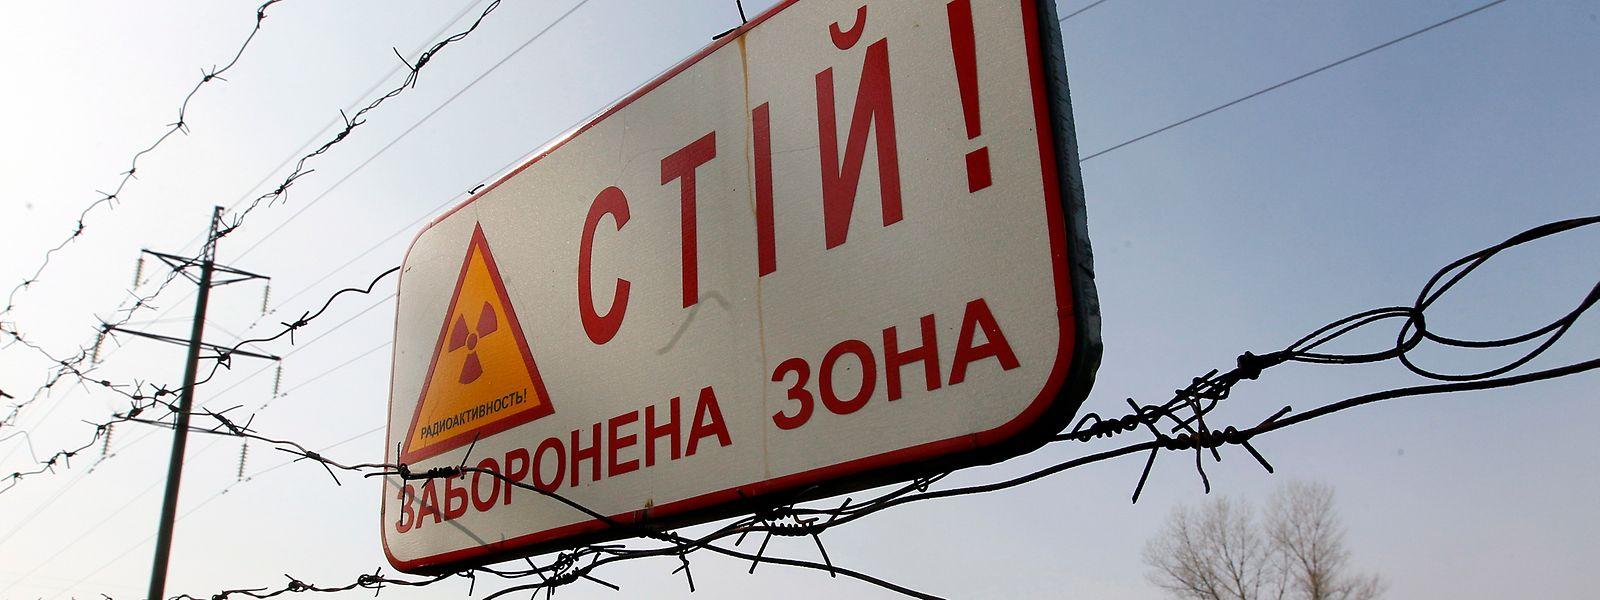 """""""Stopp! Verbotene Zone"""": Die Botschaft bleibt auch 34 Jahre nach der Reaktorhavarie von Tschernobyl unmissverständlich."""